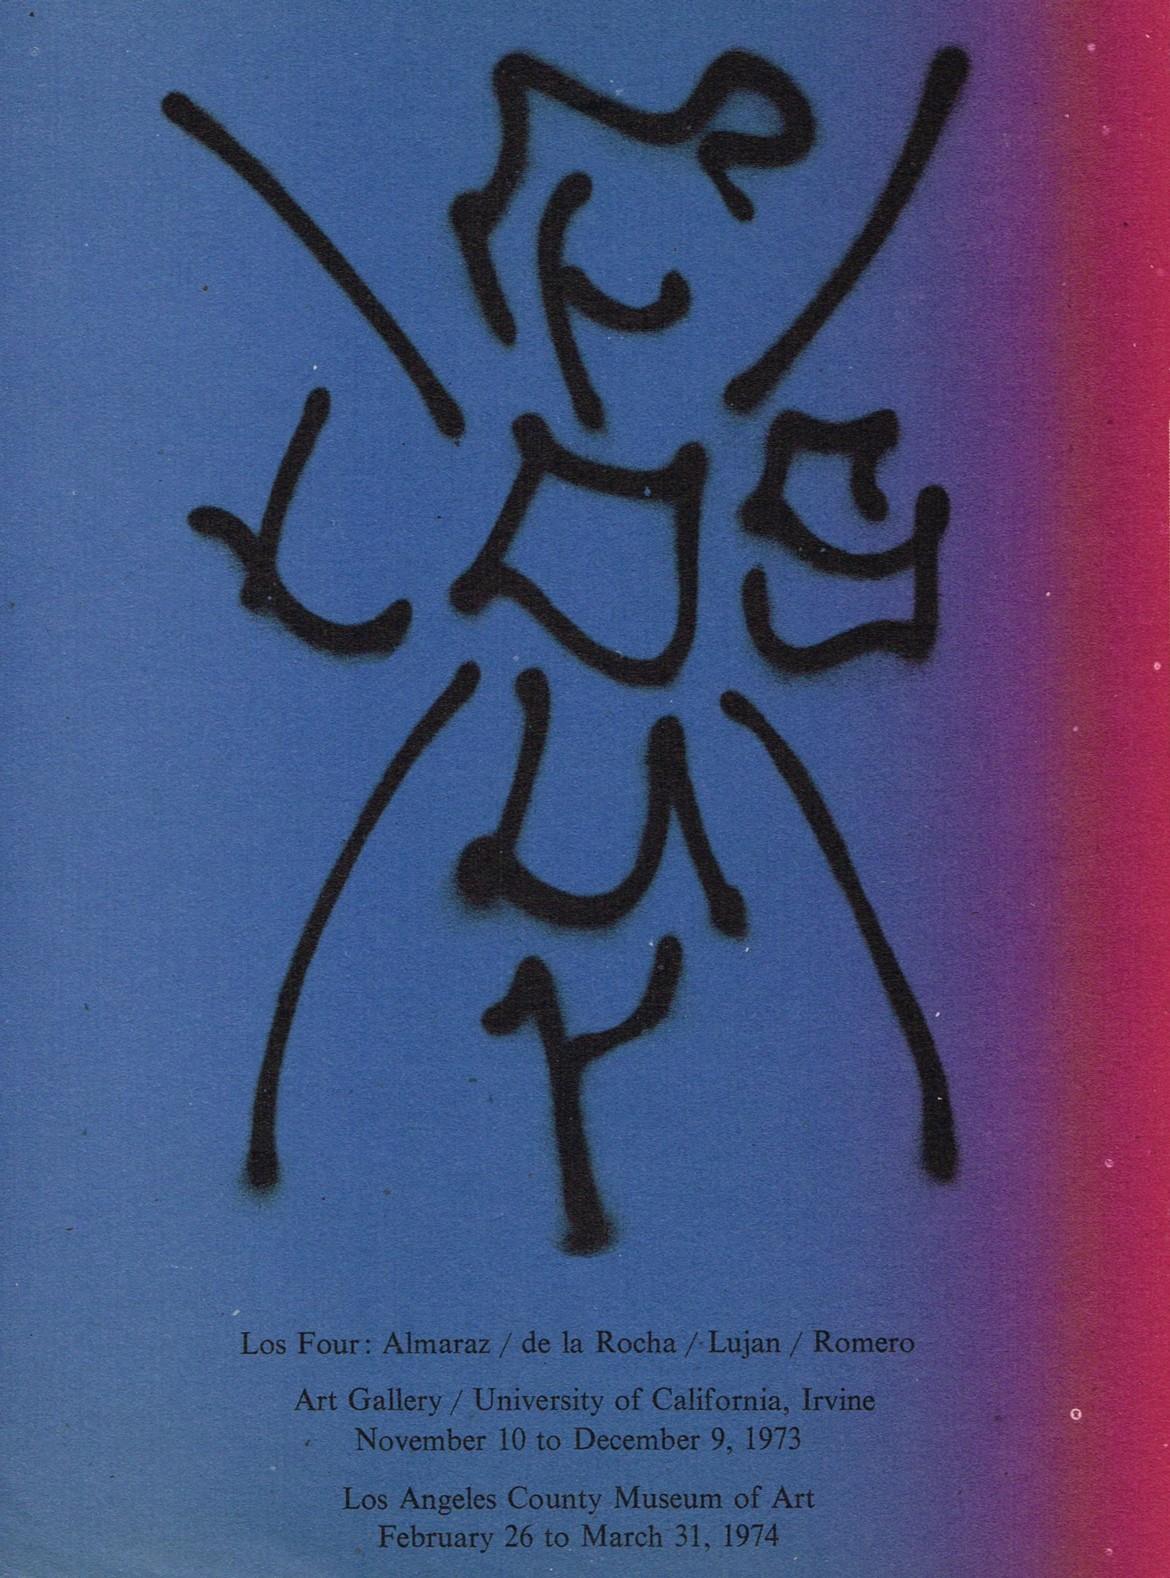 (LOS FOUR). ALMARAZ, CARLOS, ROBERTO DE LA ROCHA, GILBERT SANCHEZ LUJAN & FRANK EDWARD ROMERO - LOS FOUR: ALMARAZ / DE LA ROCHA / LUJAN / ROMERO